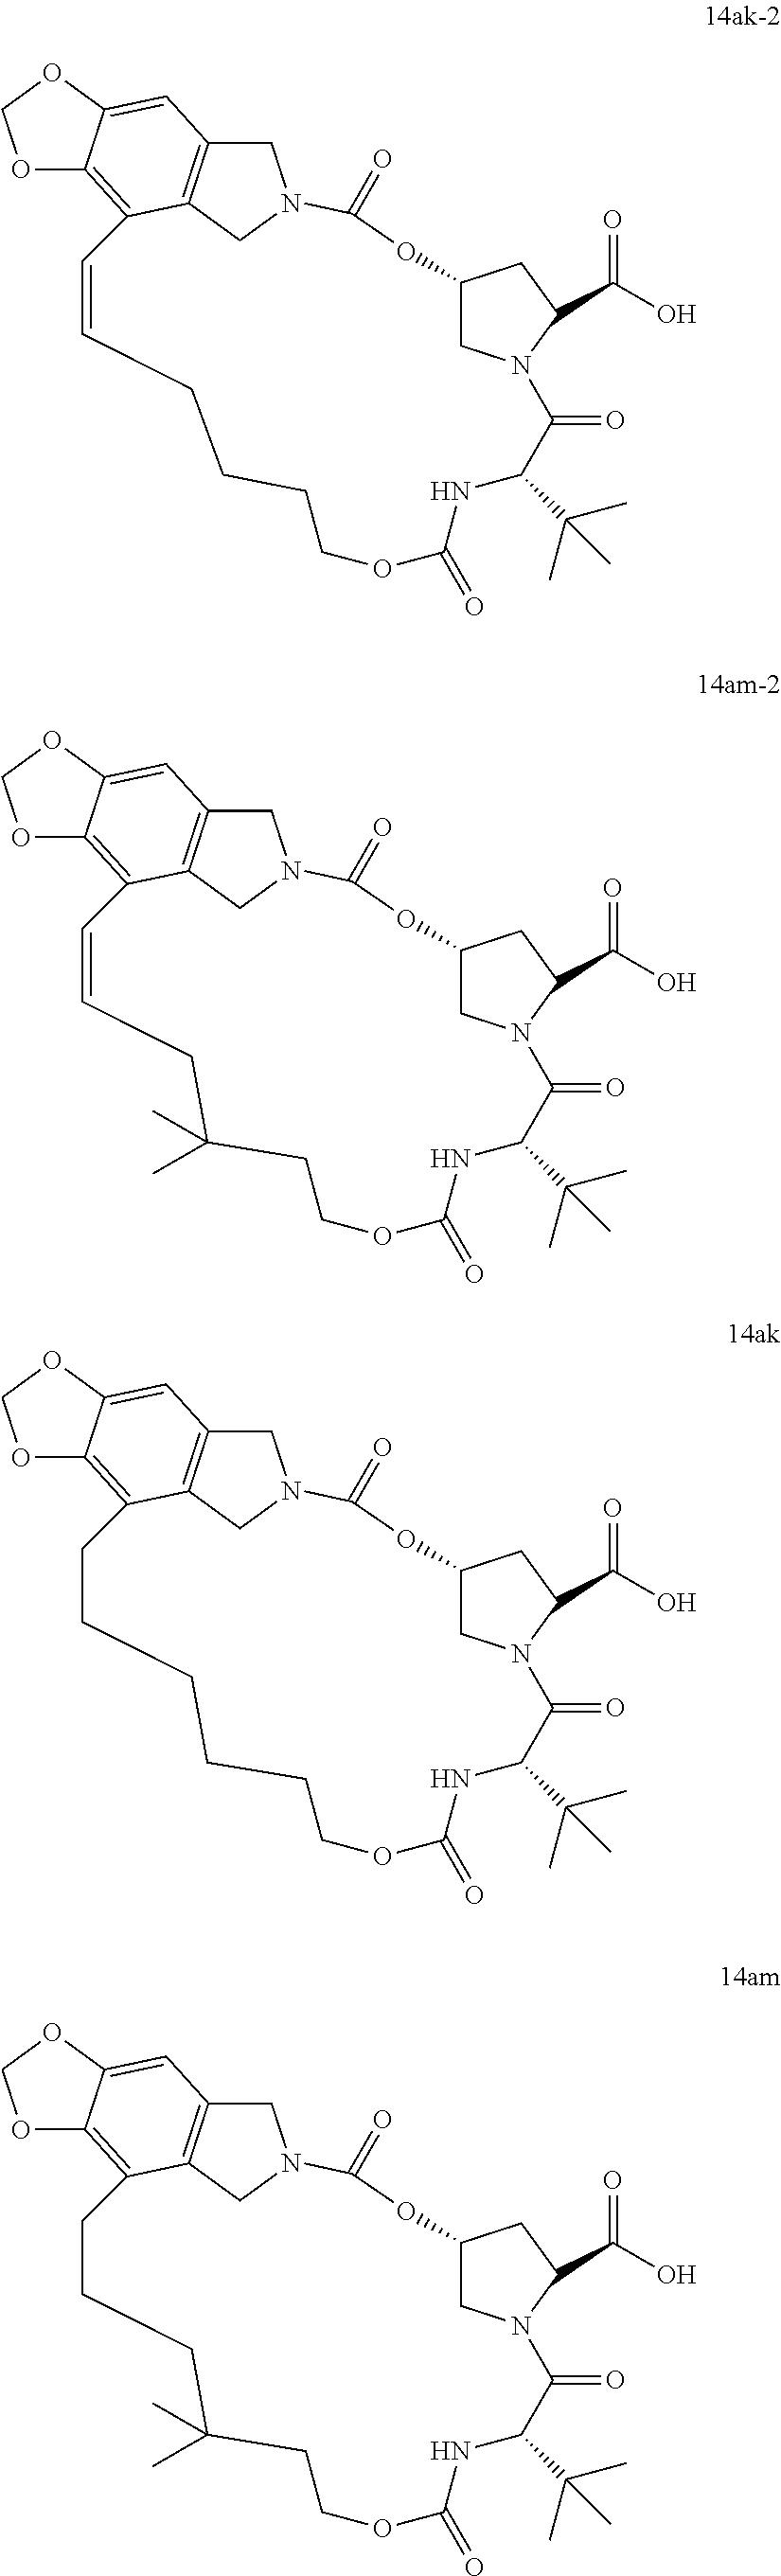 Figure US08962810-20150224-C00079